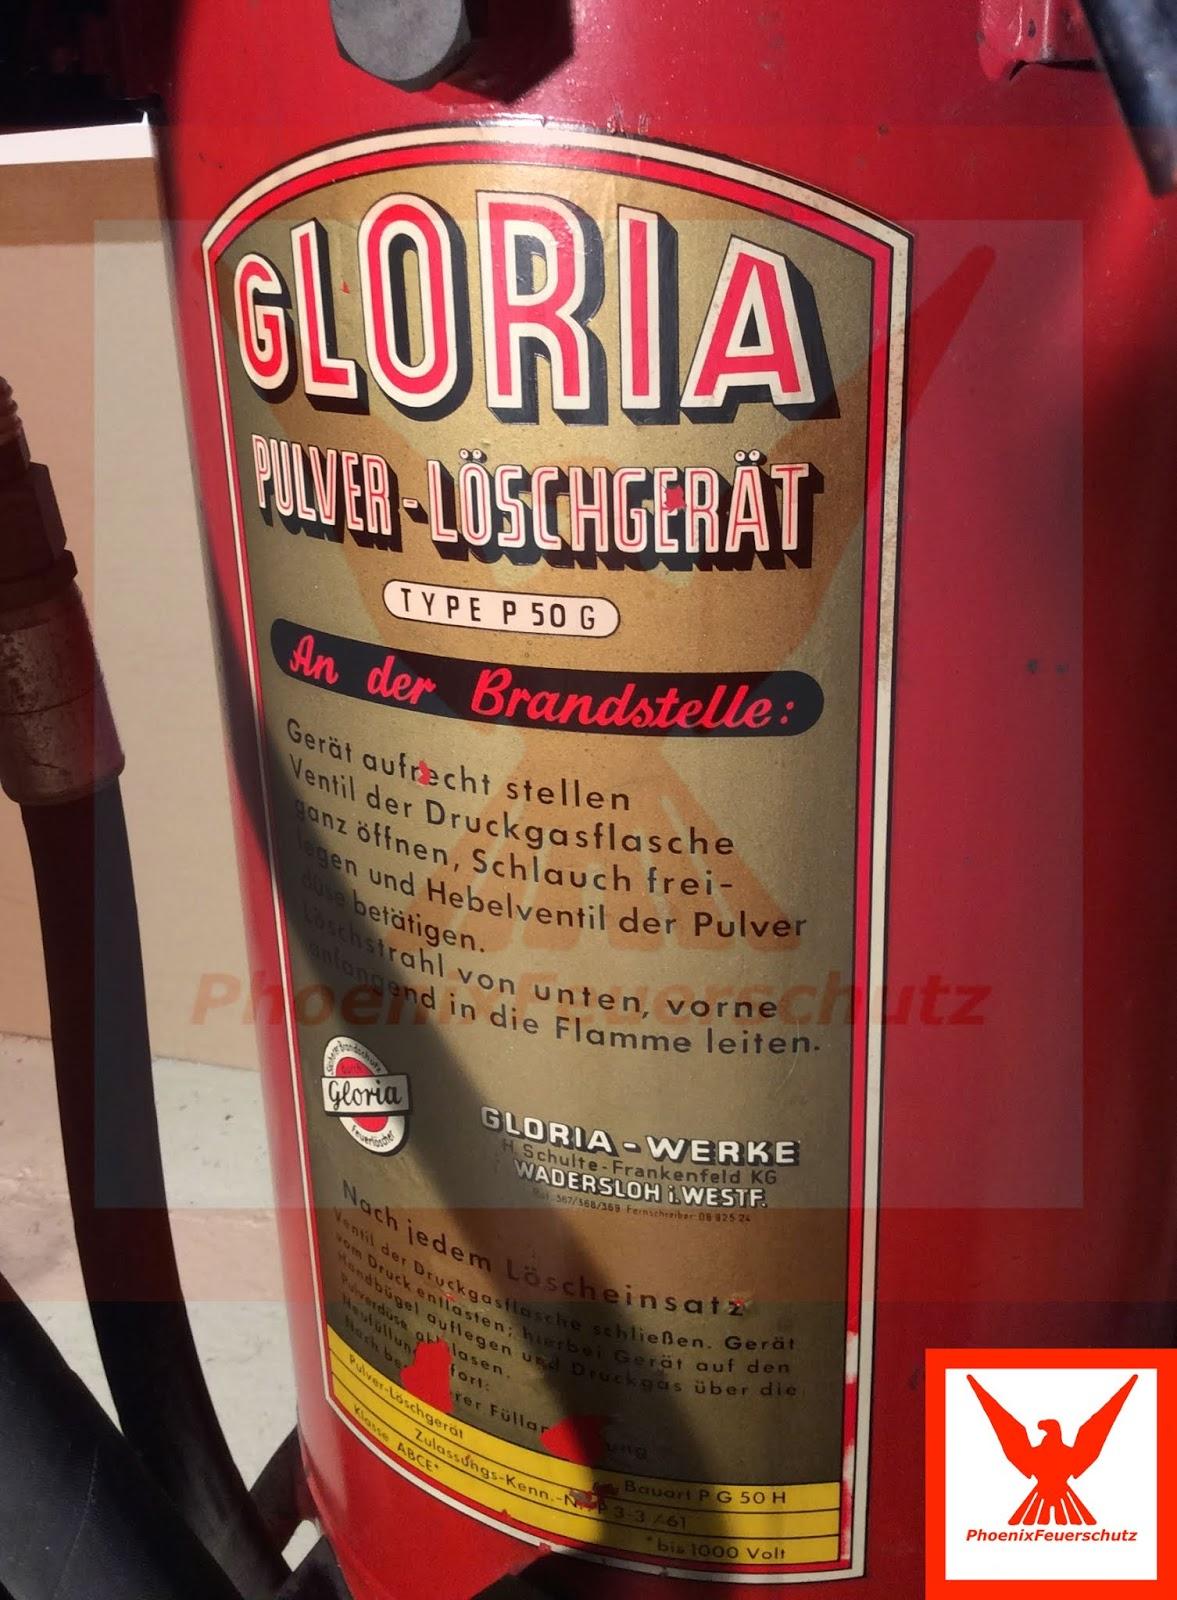 PhoenixFeuerschutz: Report aus dem Museum: Ein alter P 50 G Baujahr 1964